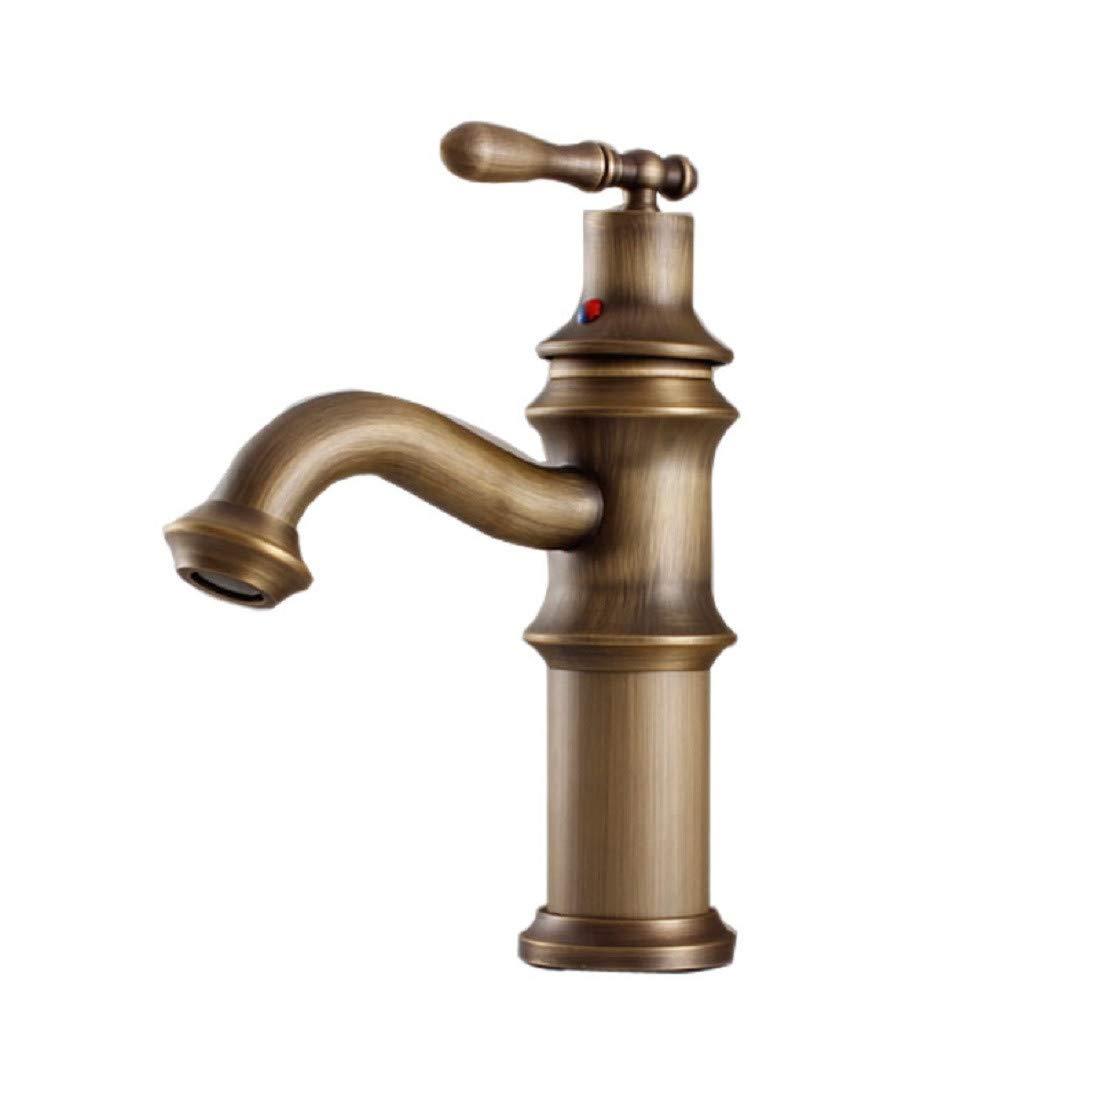 Wasserhahn bad Waschtischarmatur Becken Waschbecken Warmes Wasser Europäischen Stil Alte Bad Reines Waschbecken Wasserhahn.